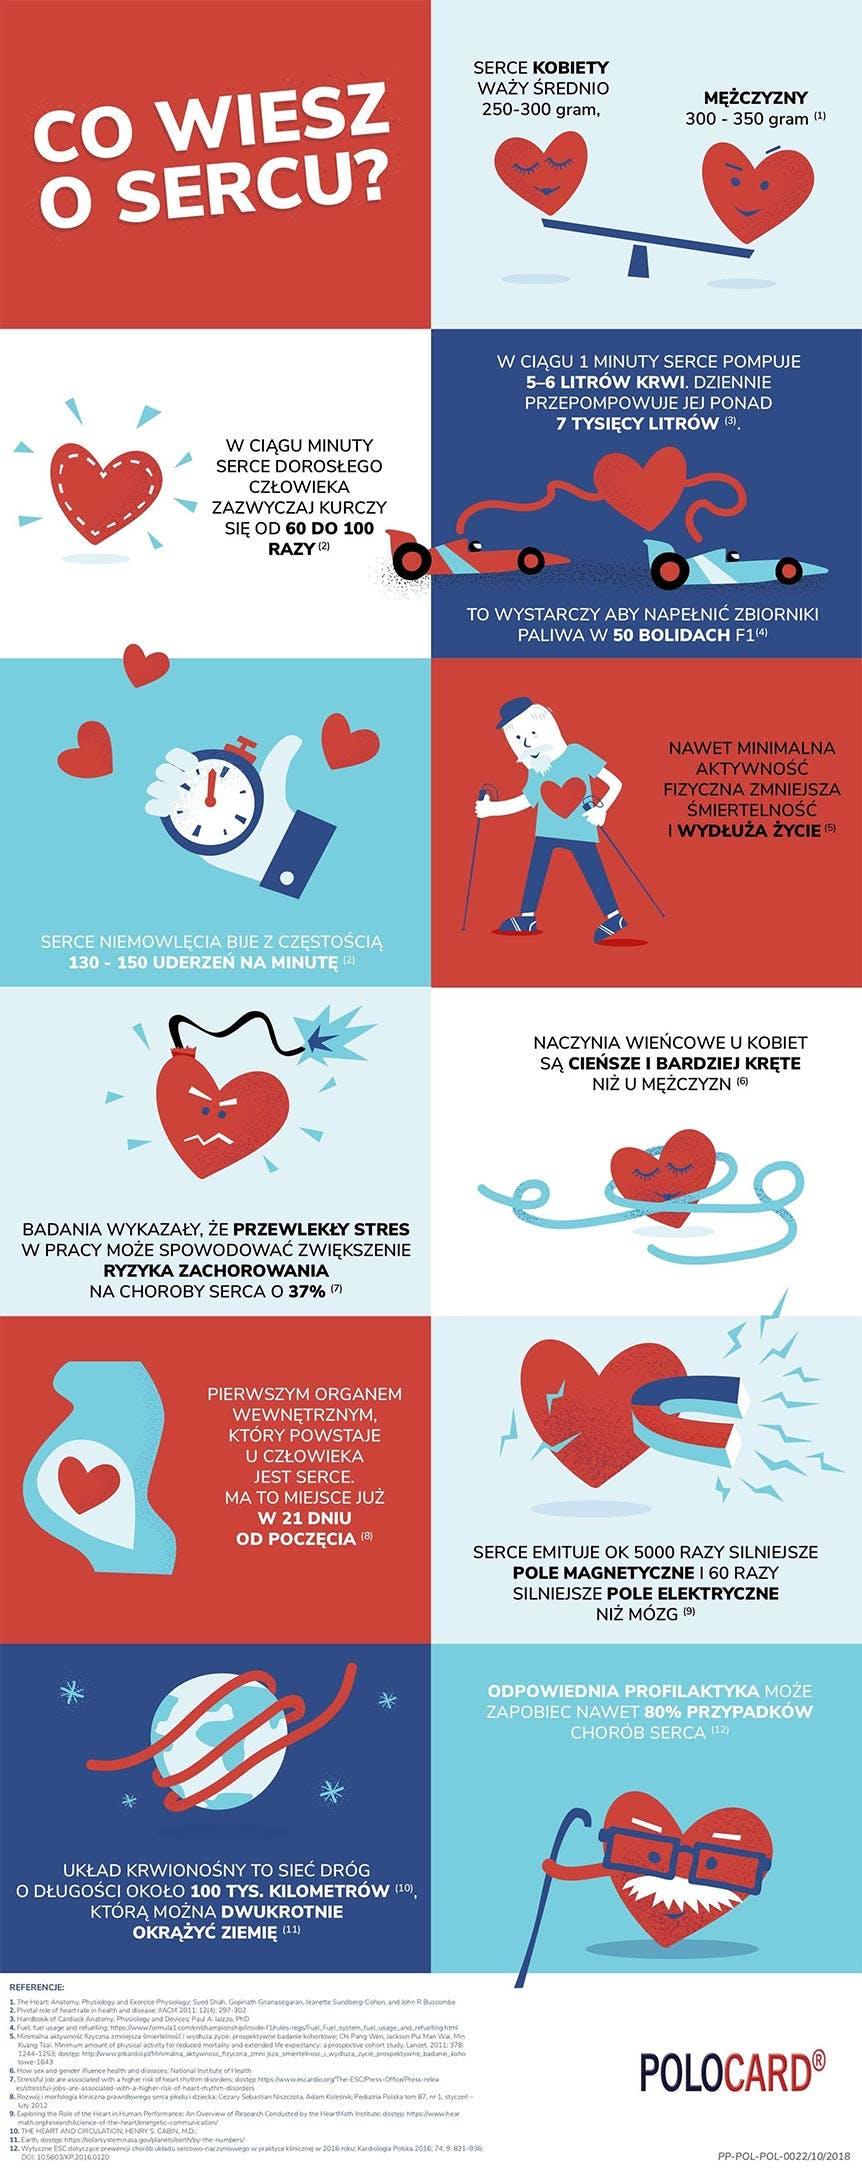 Co wiesz o sercu?